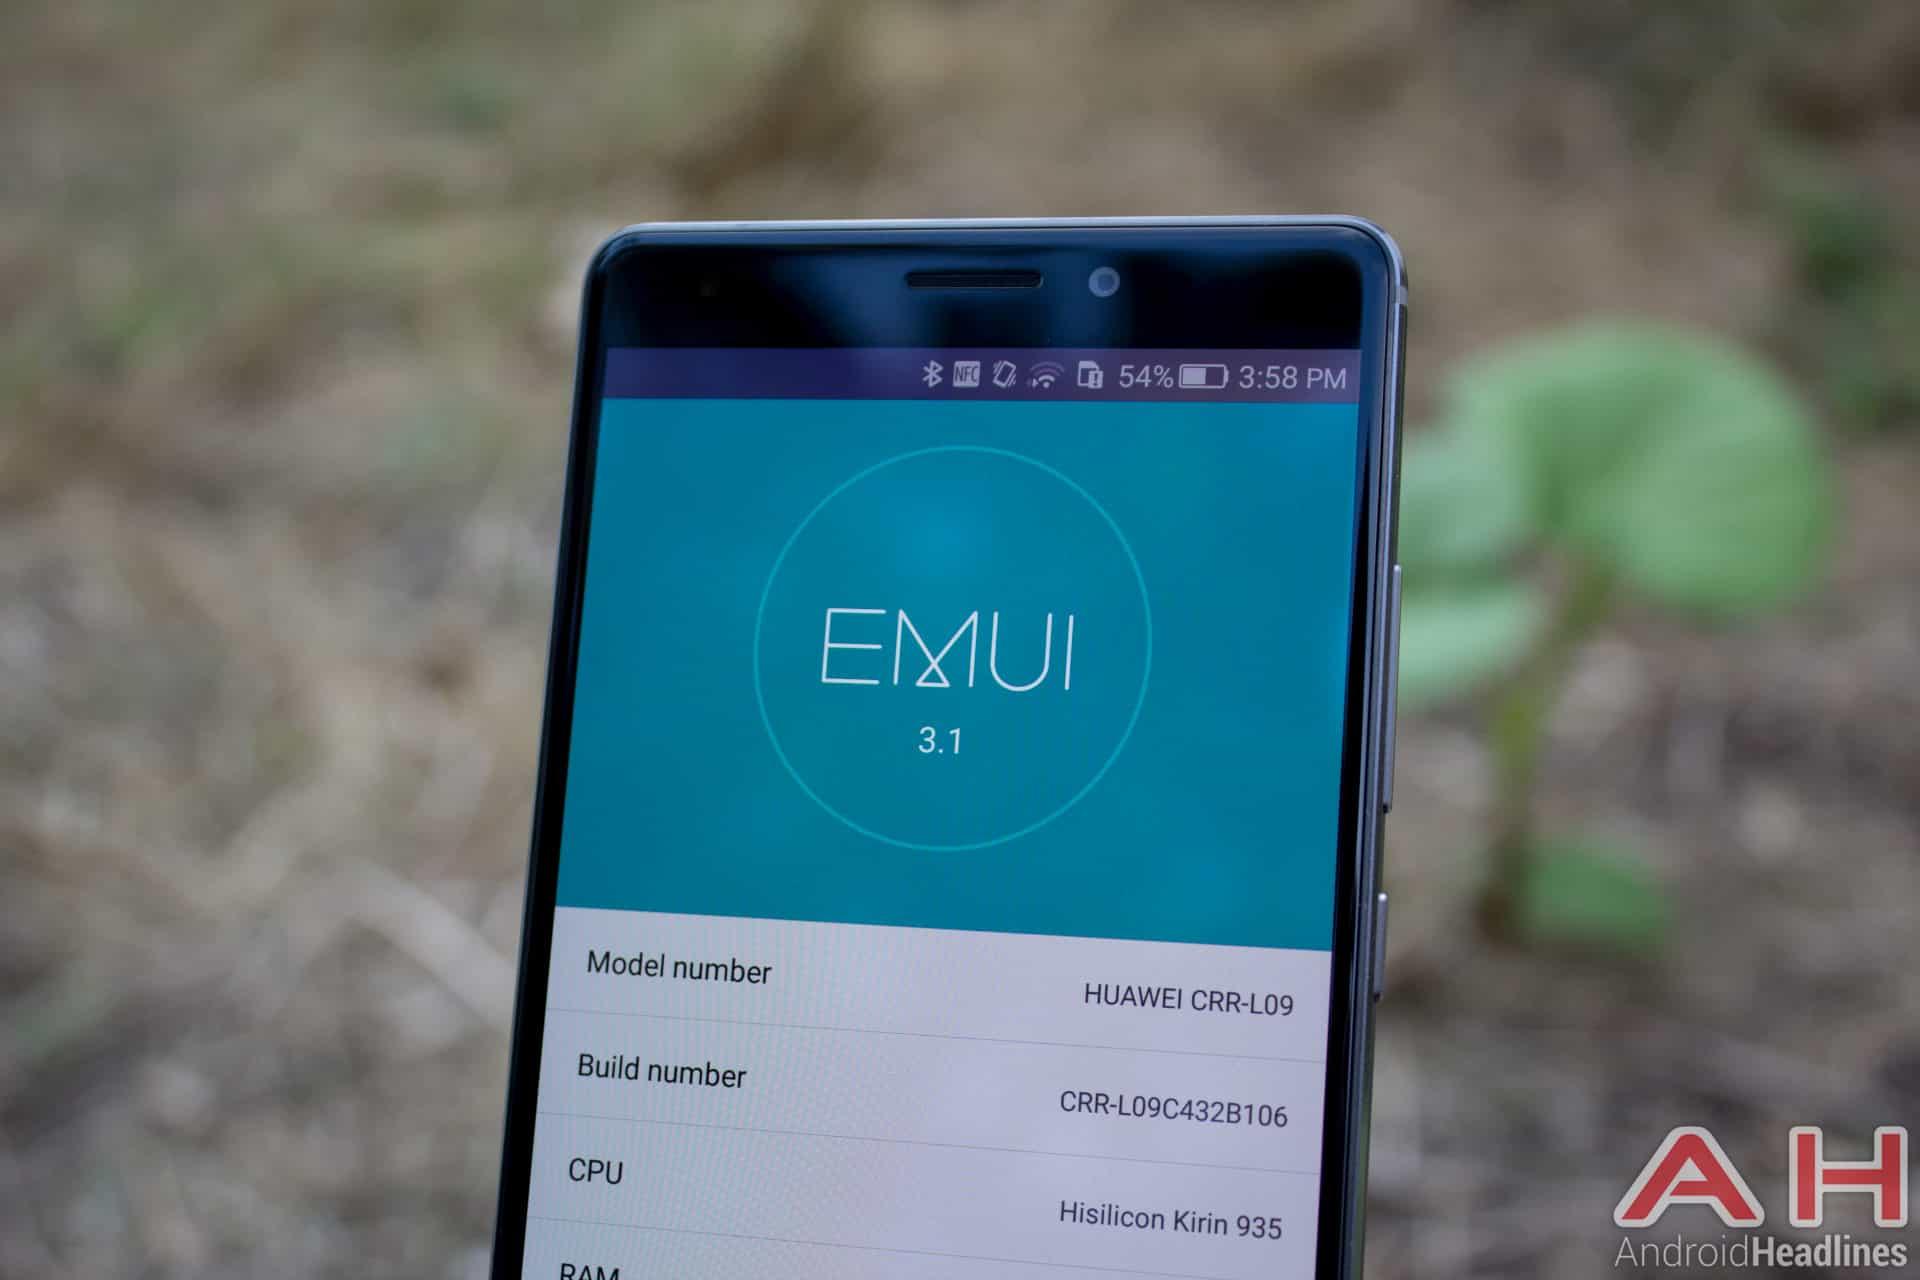 Huawei-Mate-S-AH-NS-emui